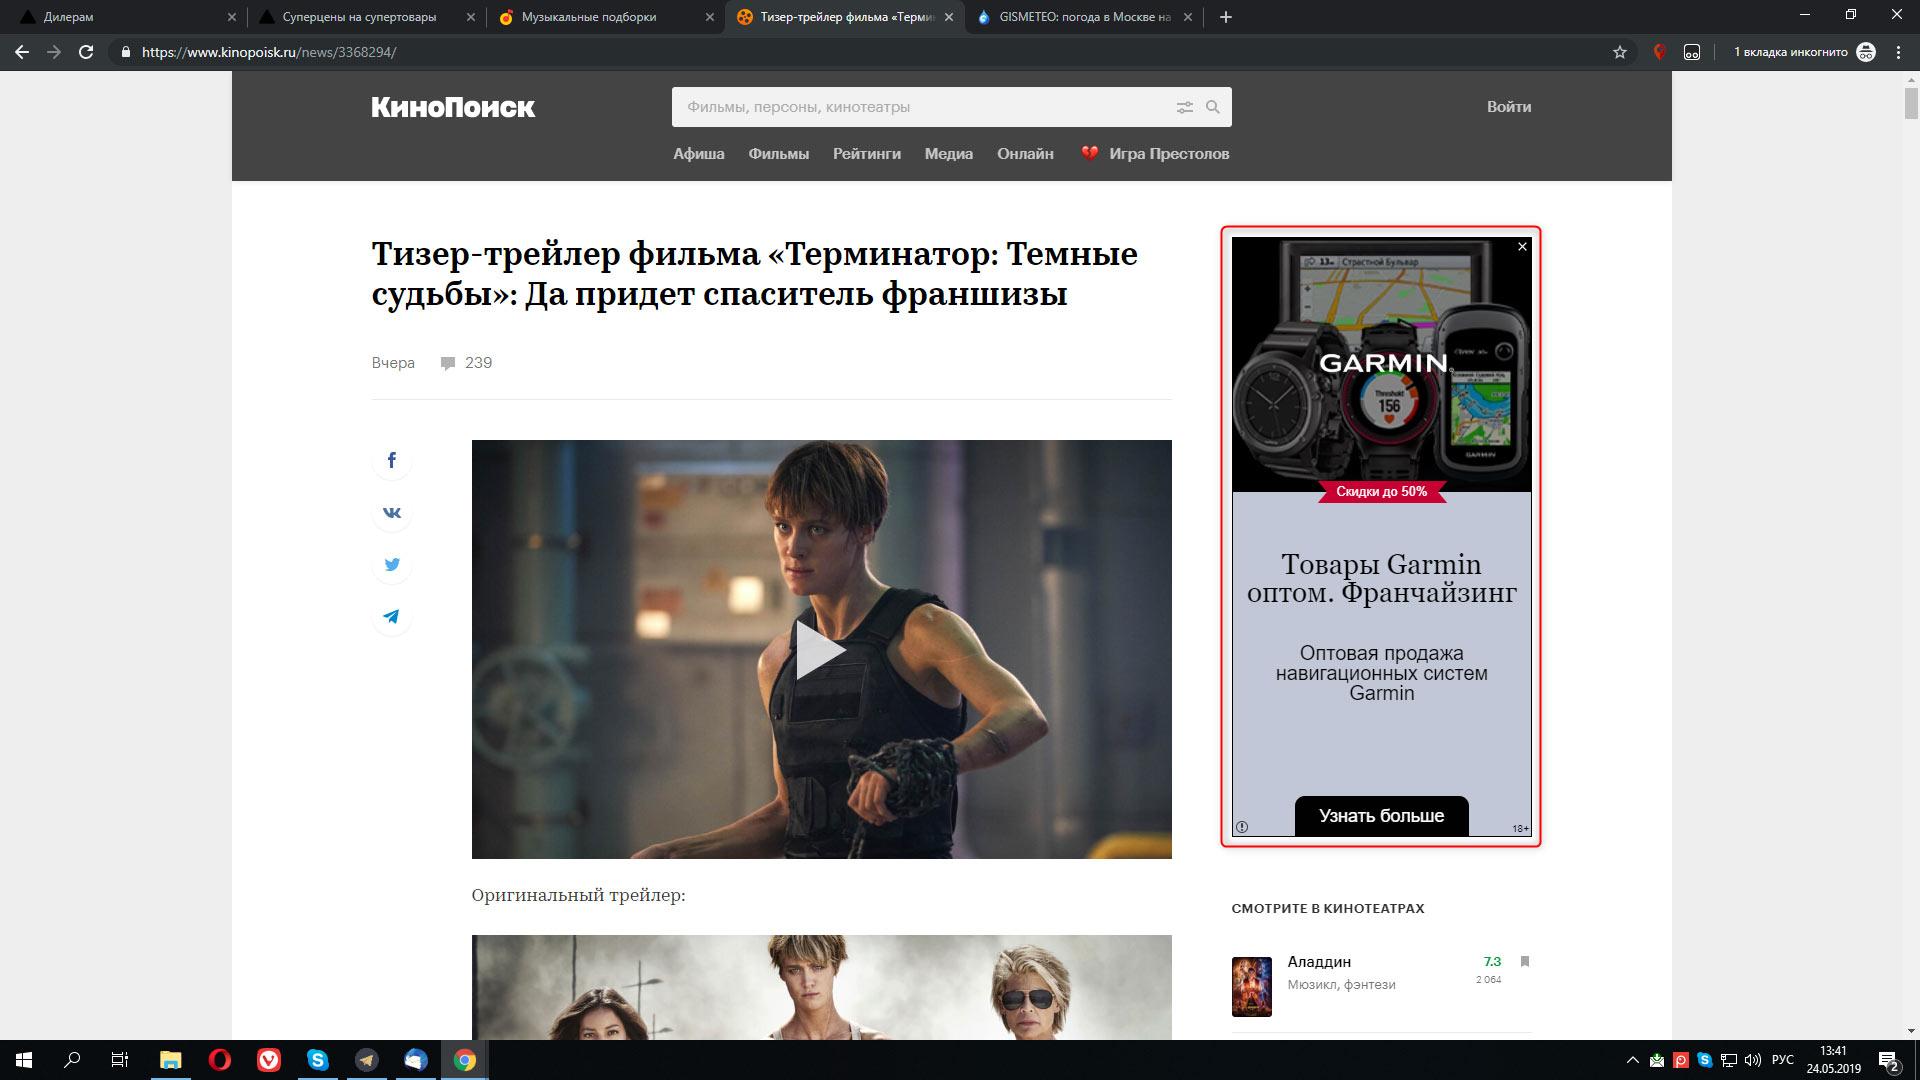 Рис. 8. Пример баннерной рекламы франчайзинга Garmin